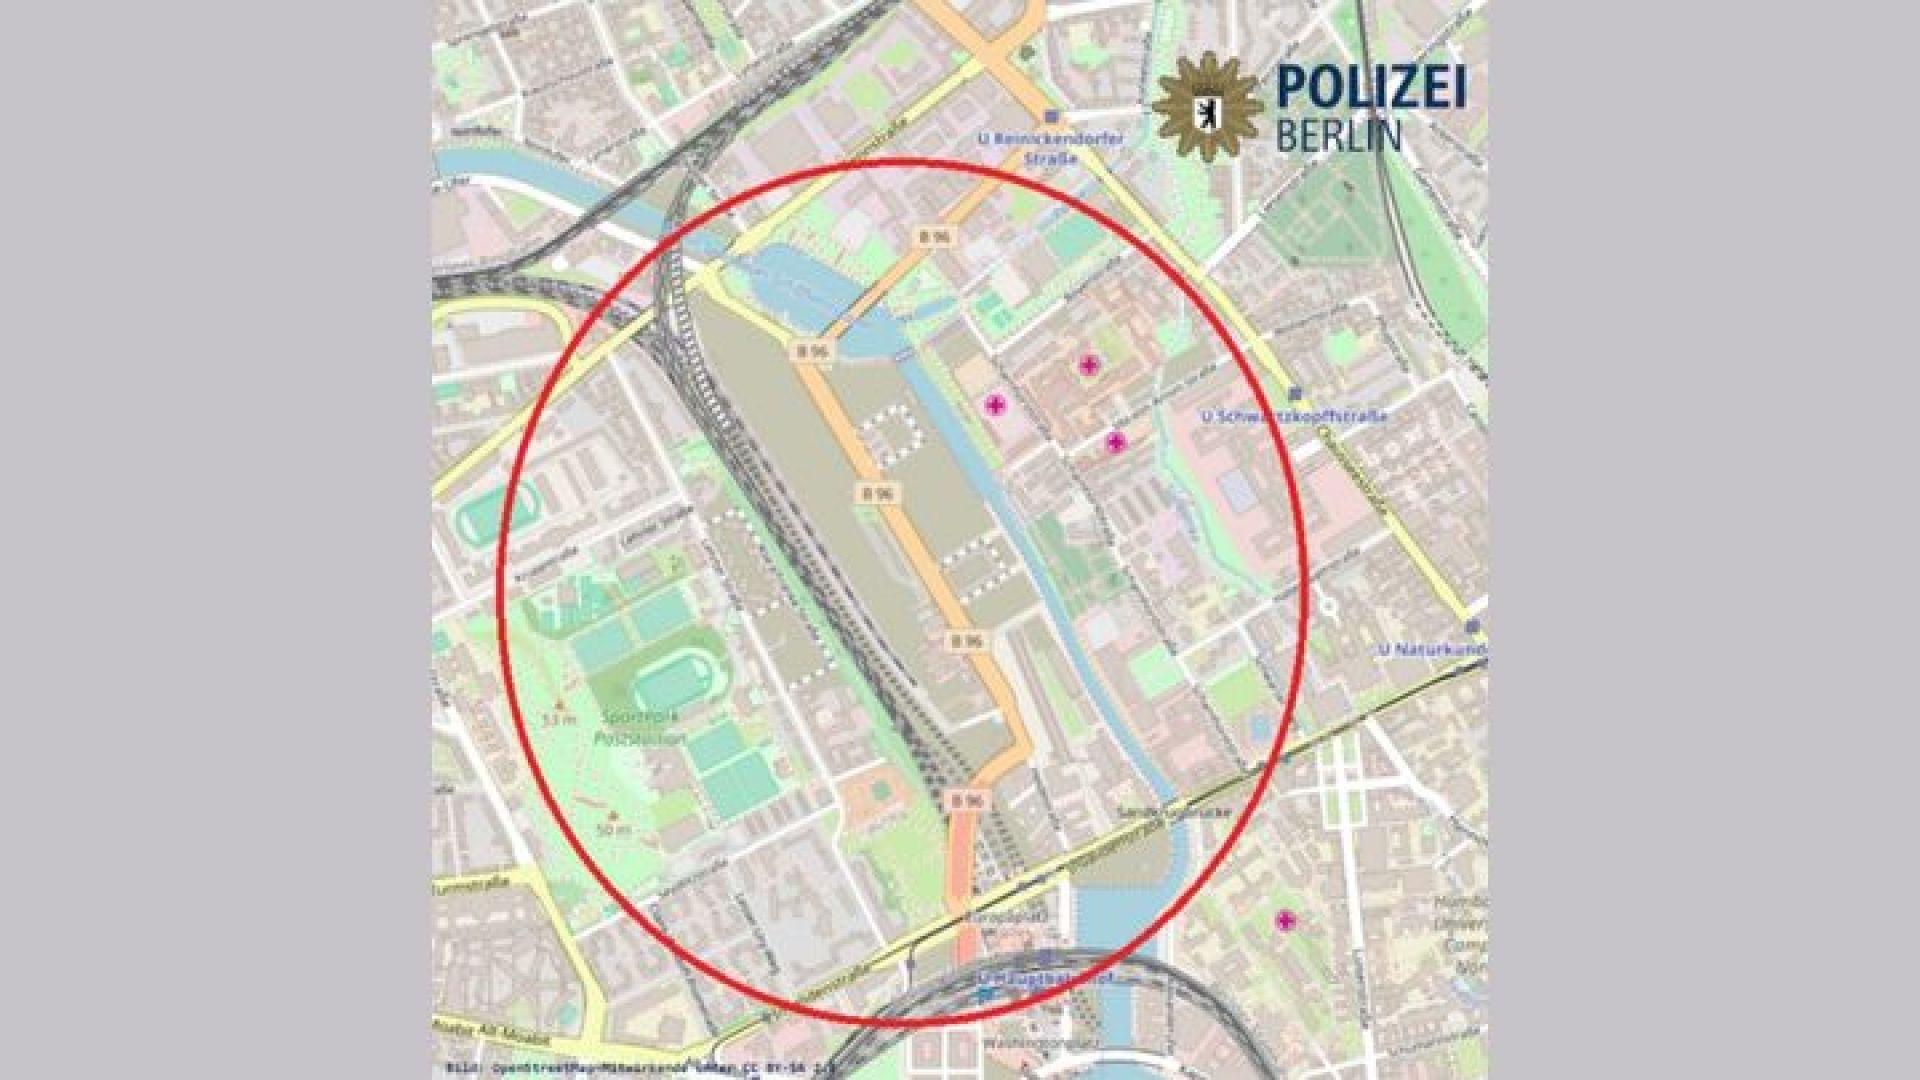 Обезвреждане на бомба в Берлин променя захода на самолети